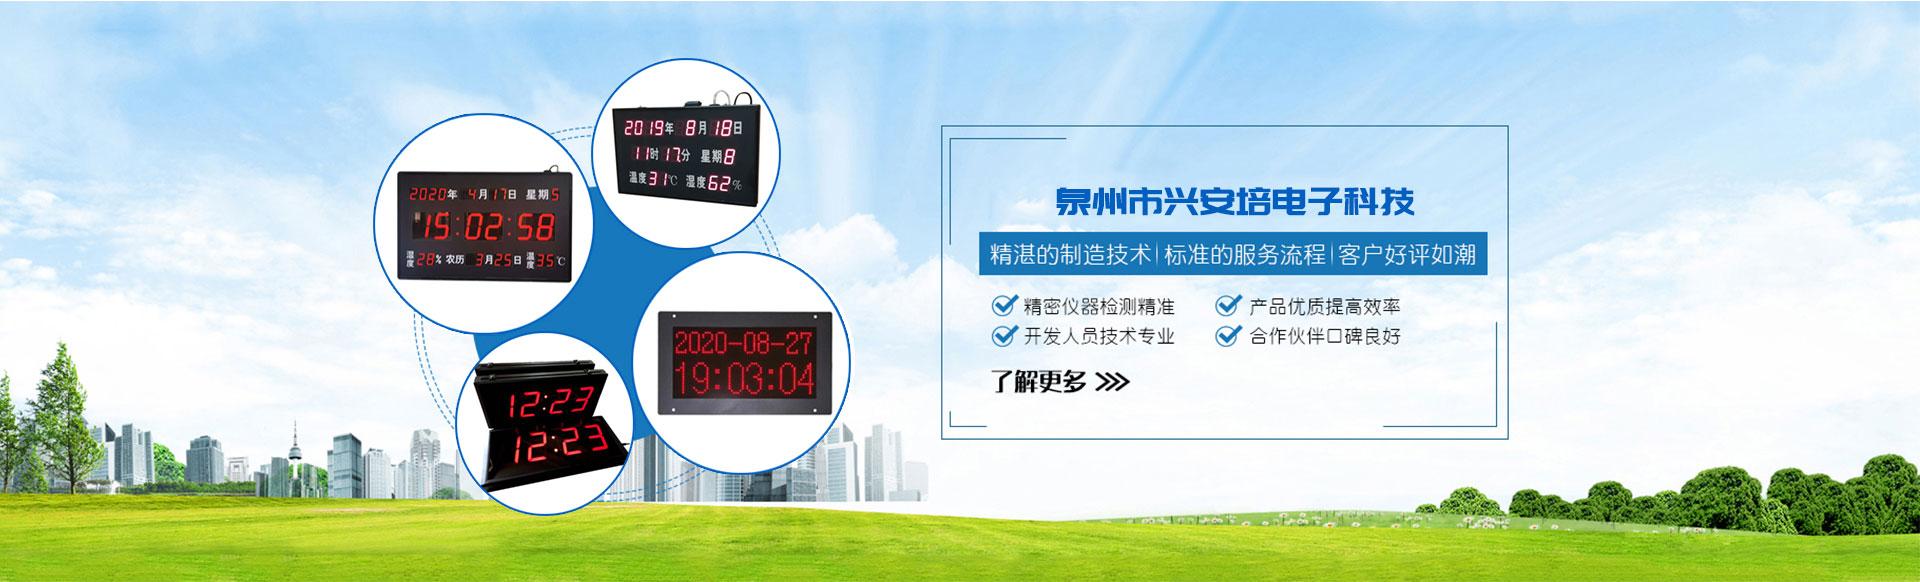 贵州同步时钟